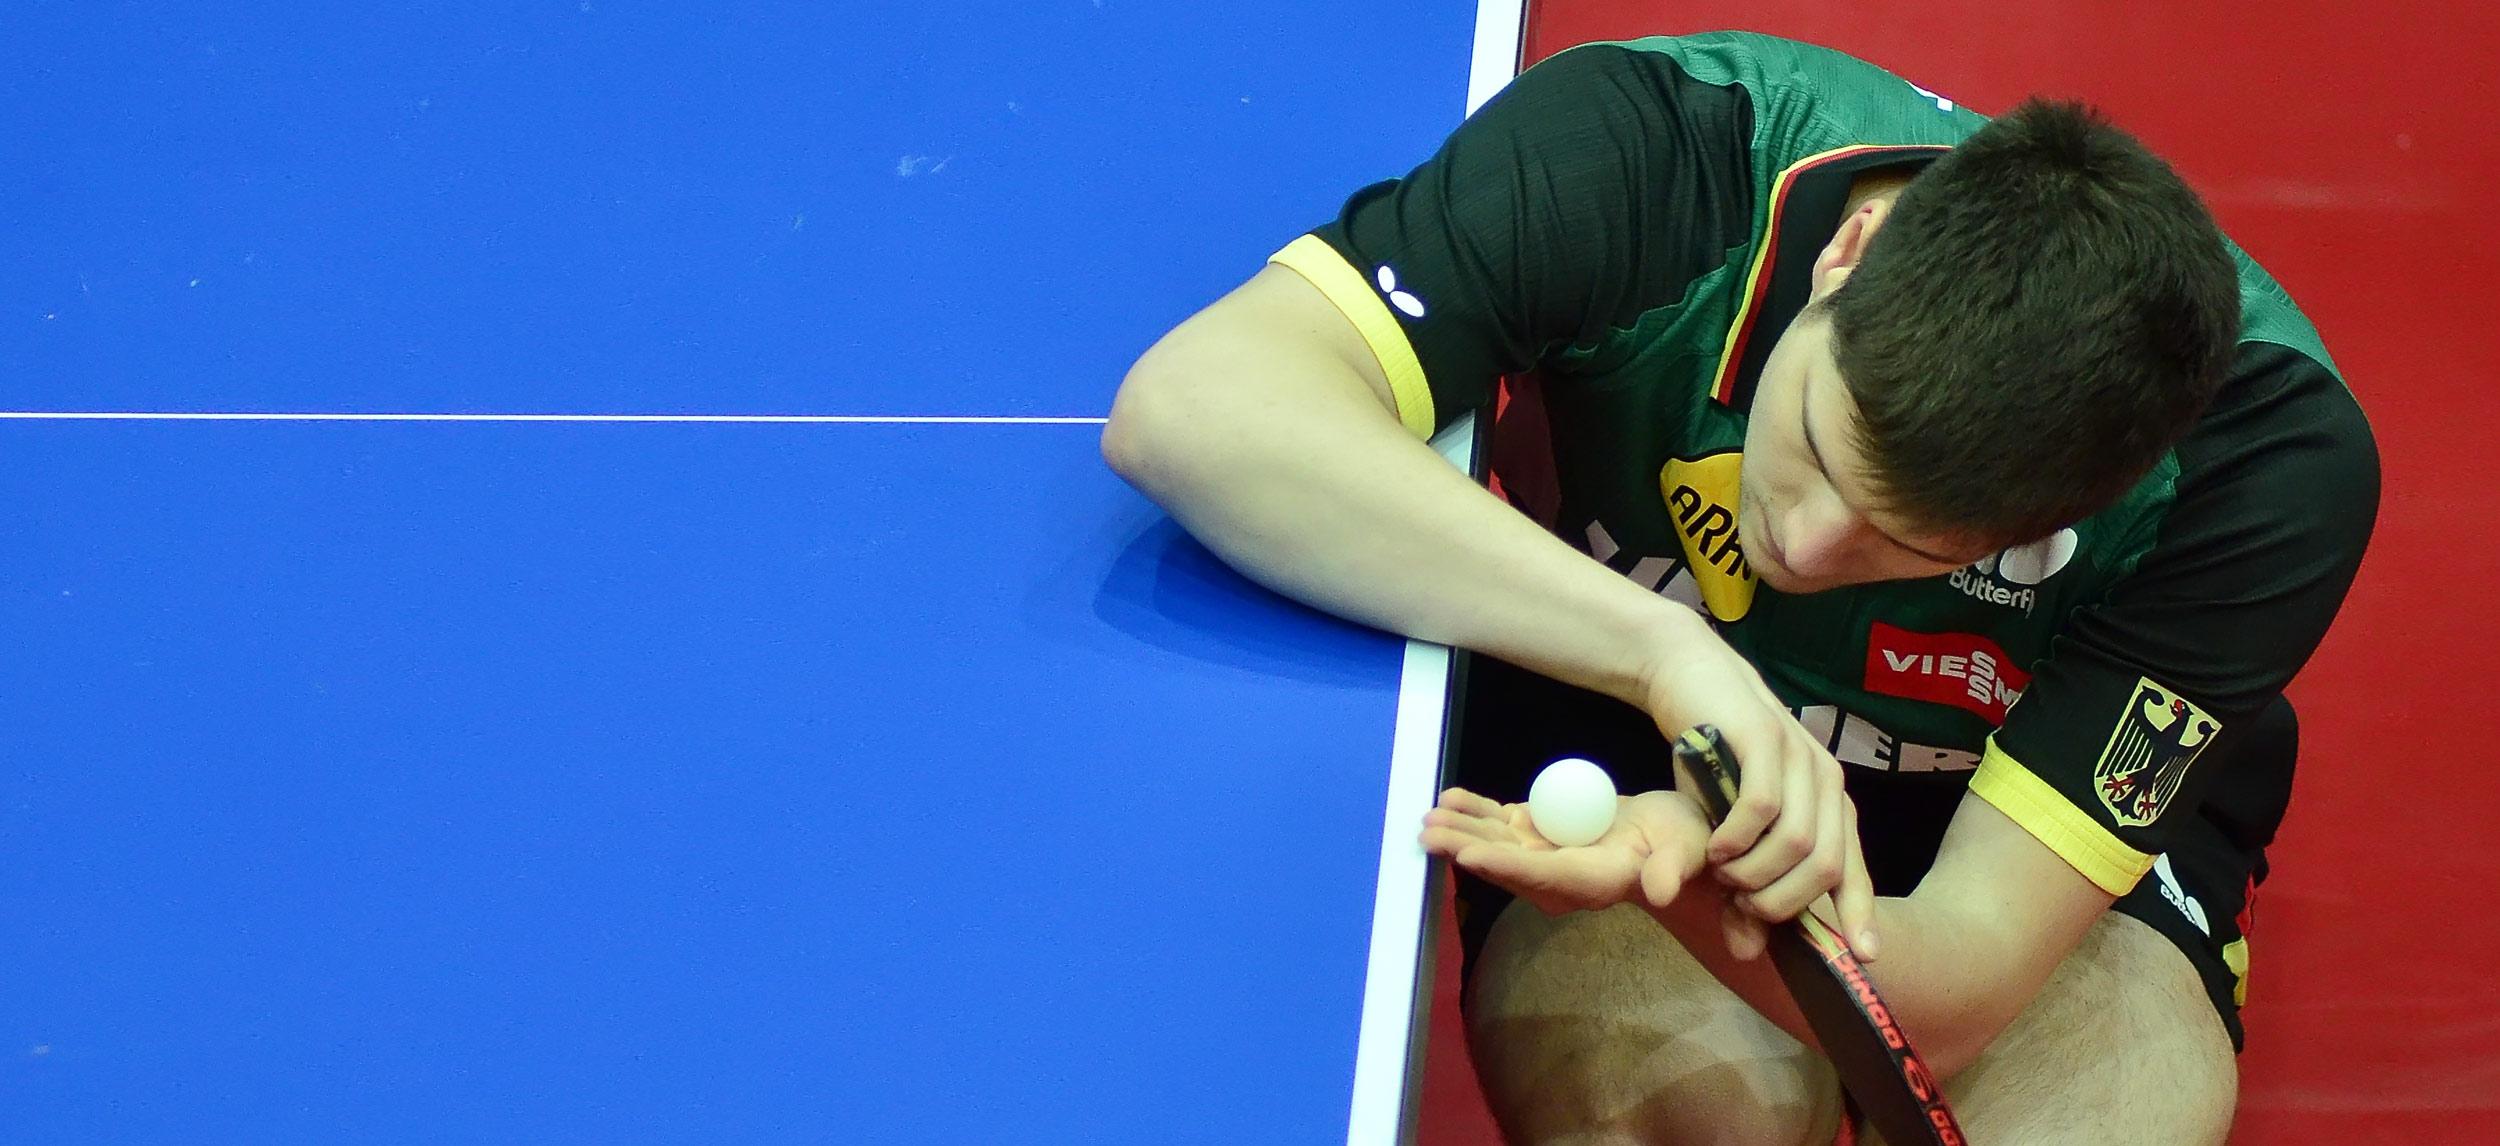 europameister-tischtennis-dima-ovtcharov